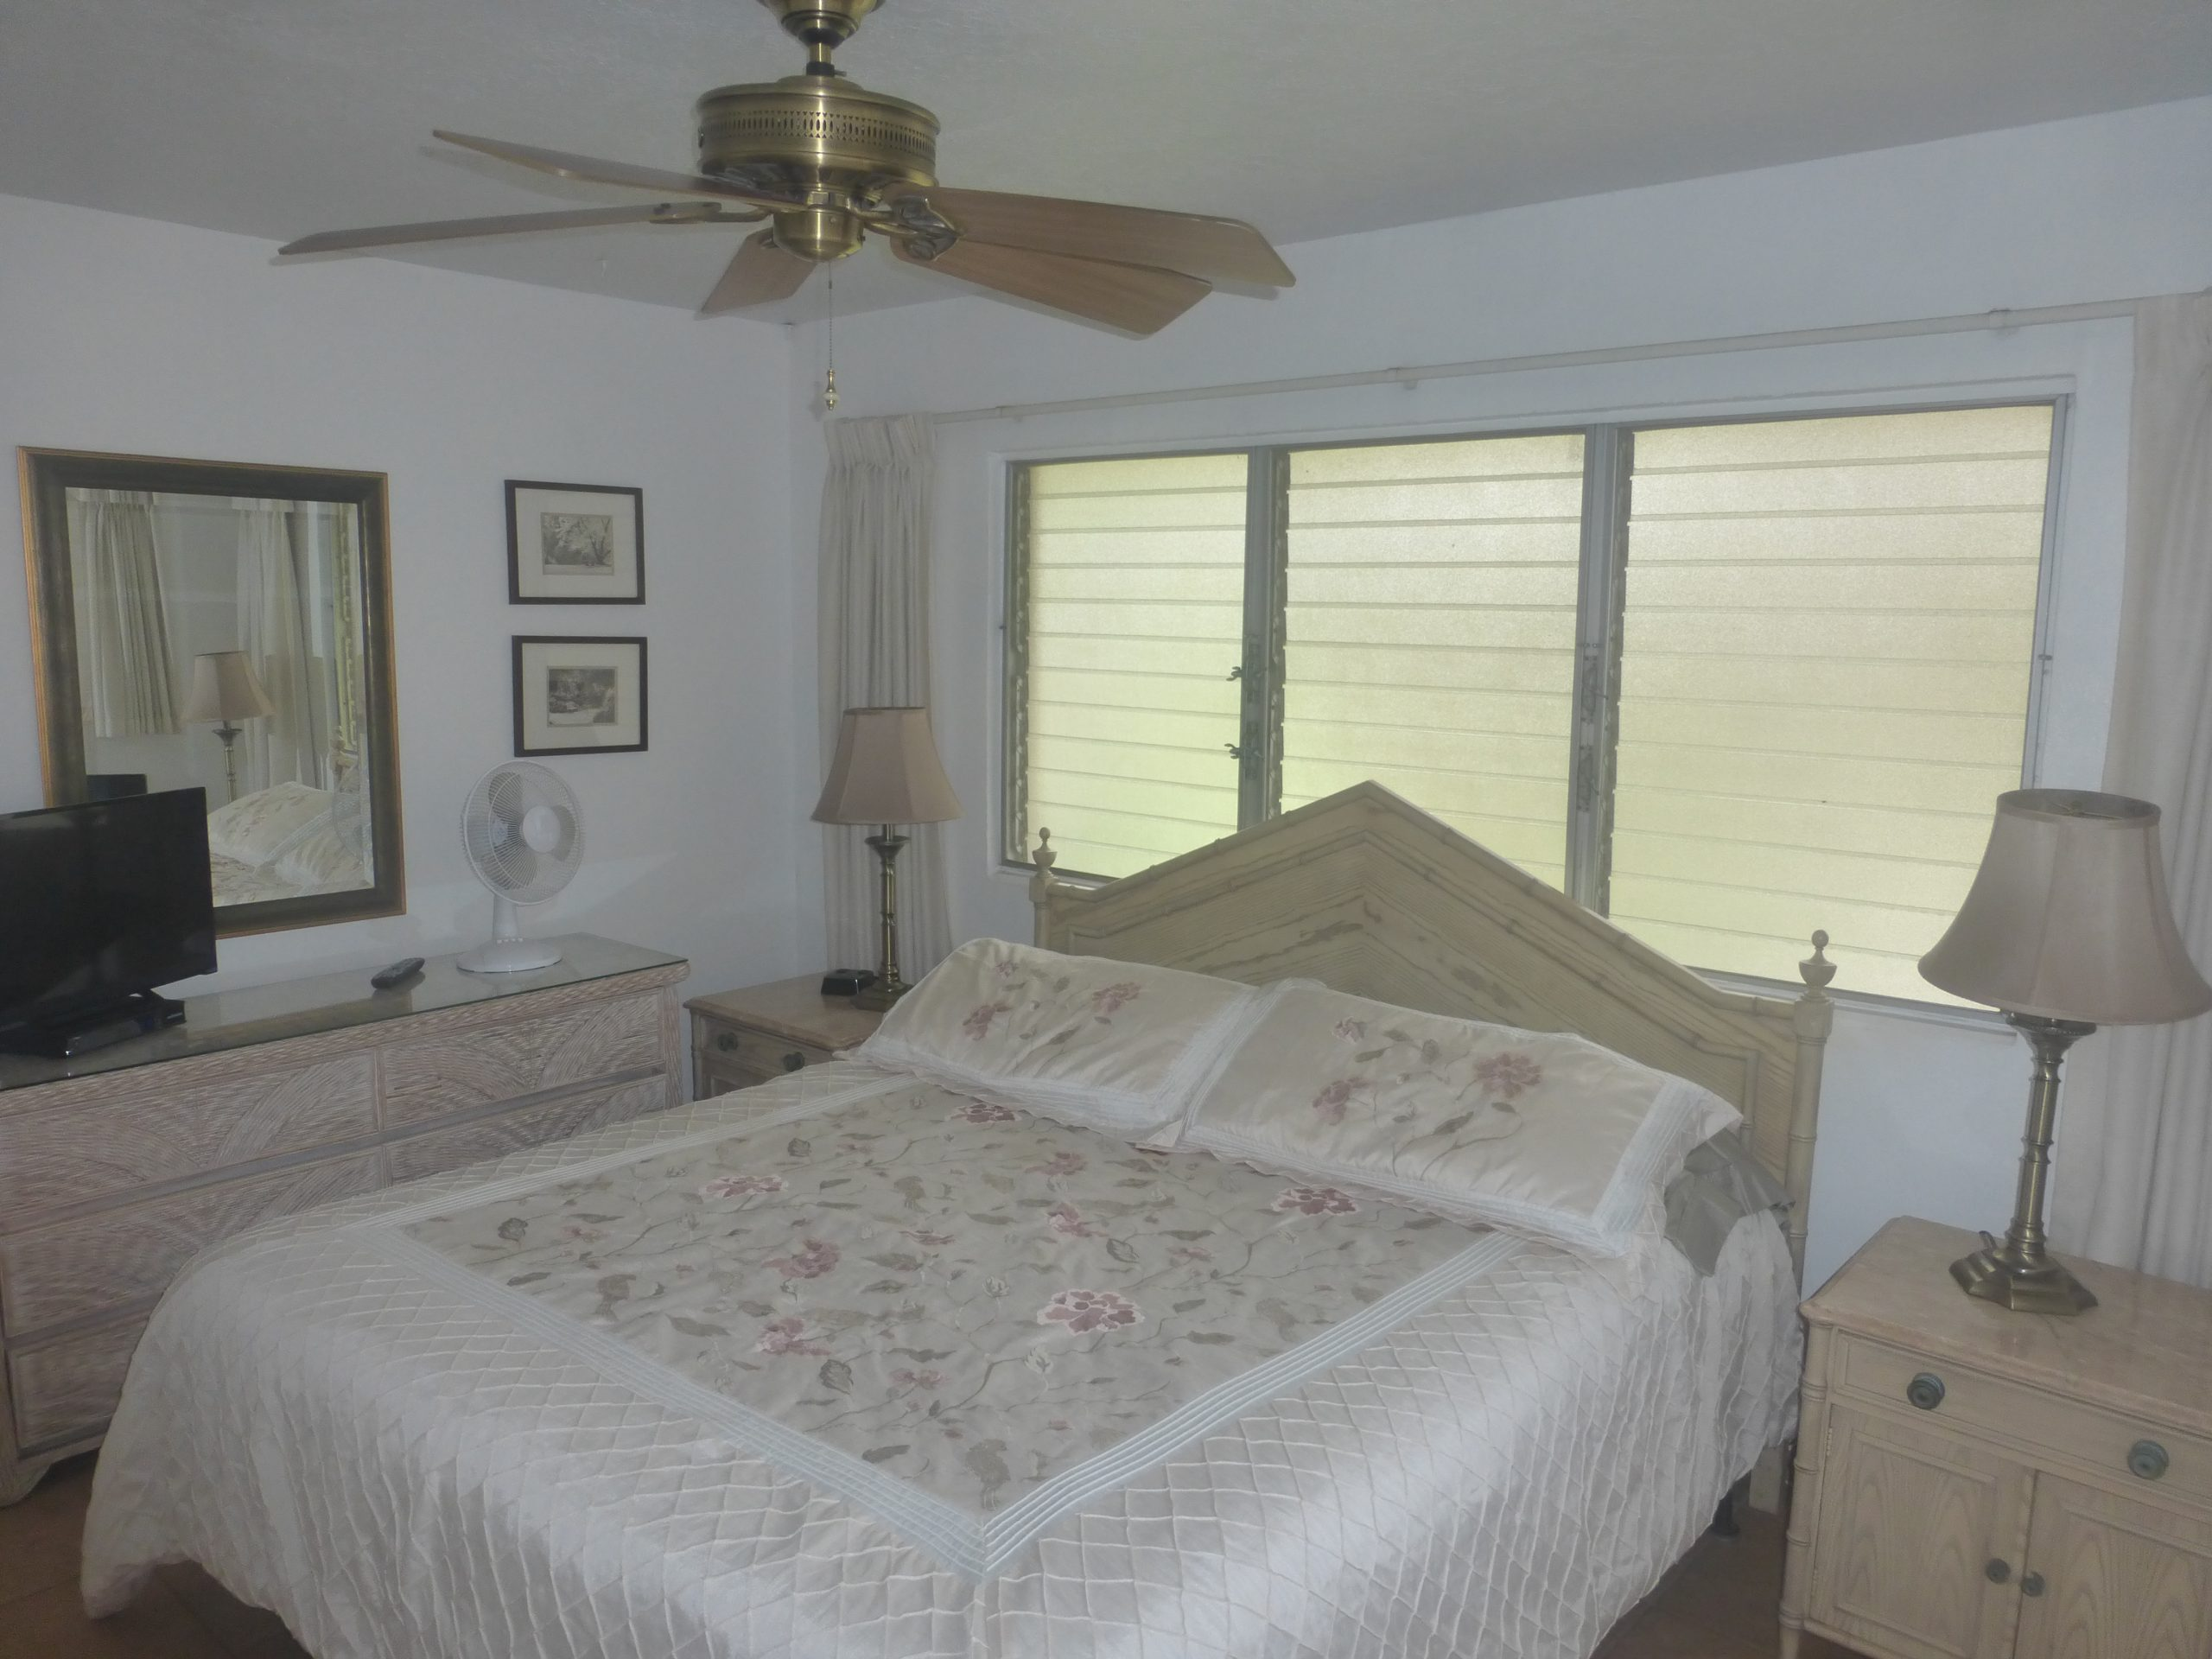 Condo 252 Bedroom